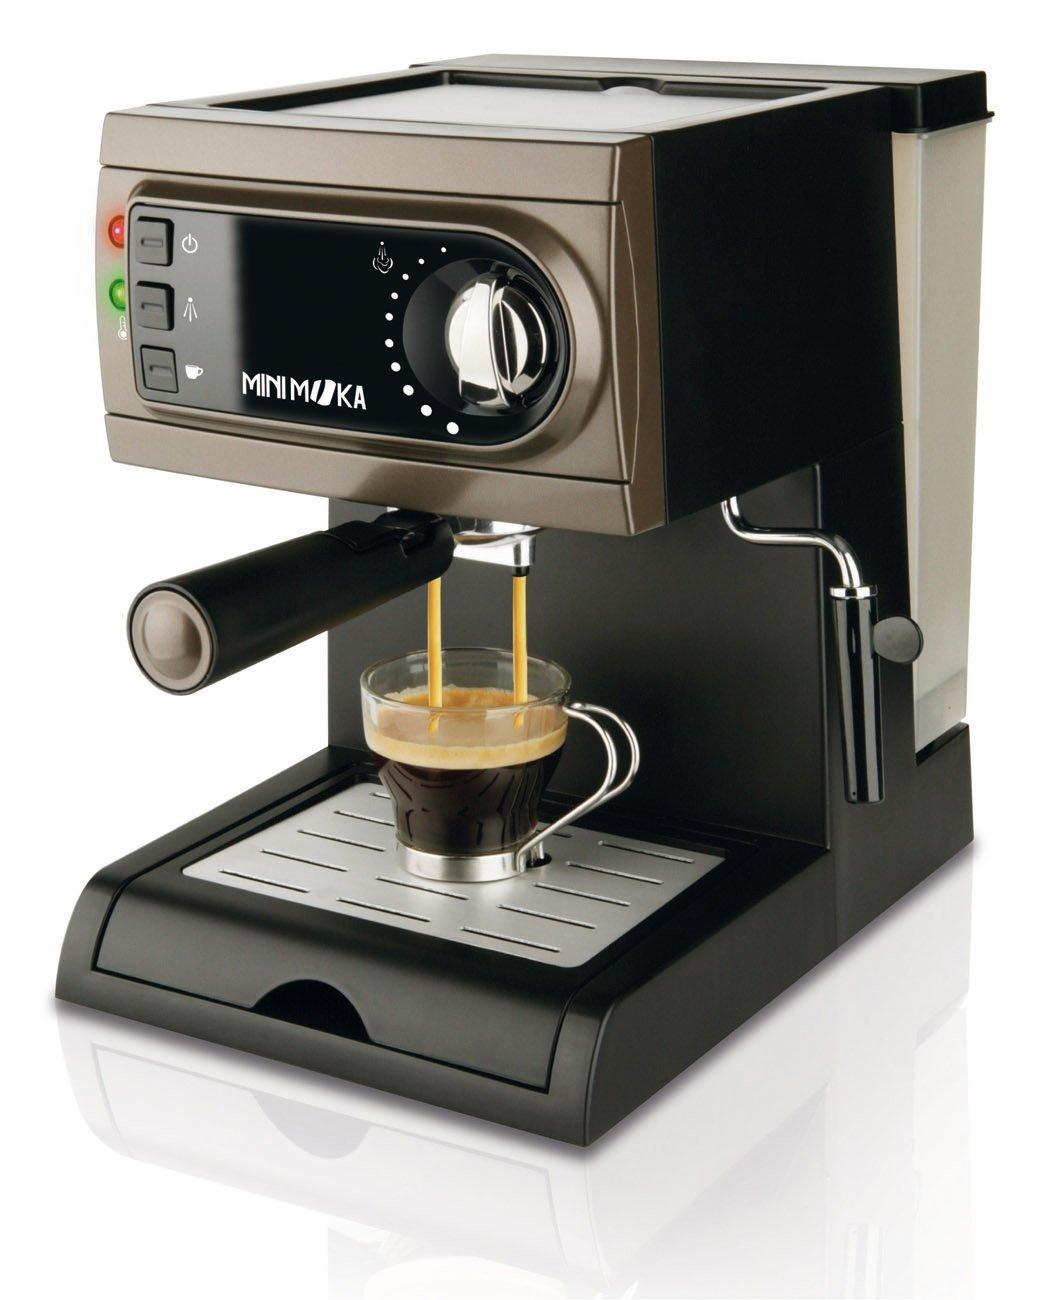 Cafetera Moka Espresso 999300 Cm1622